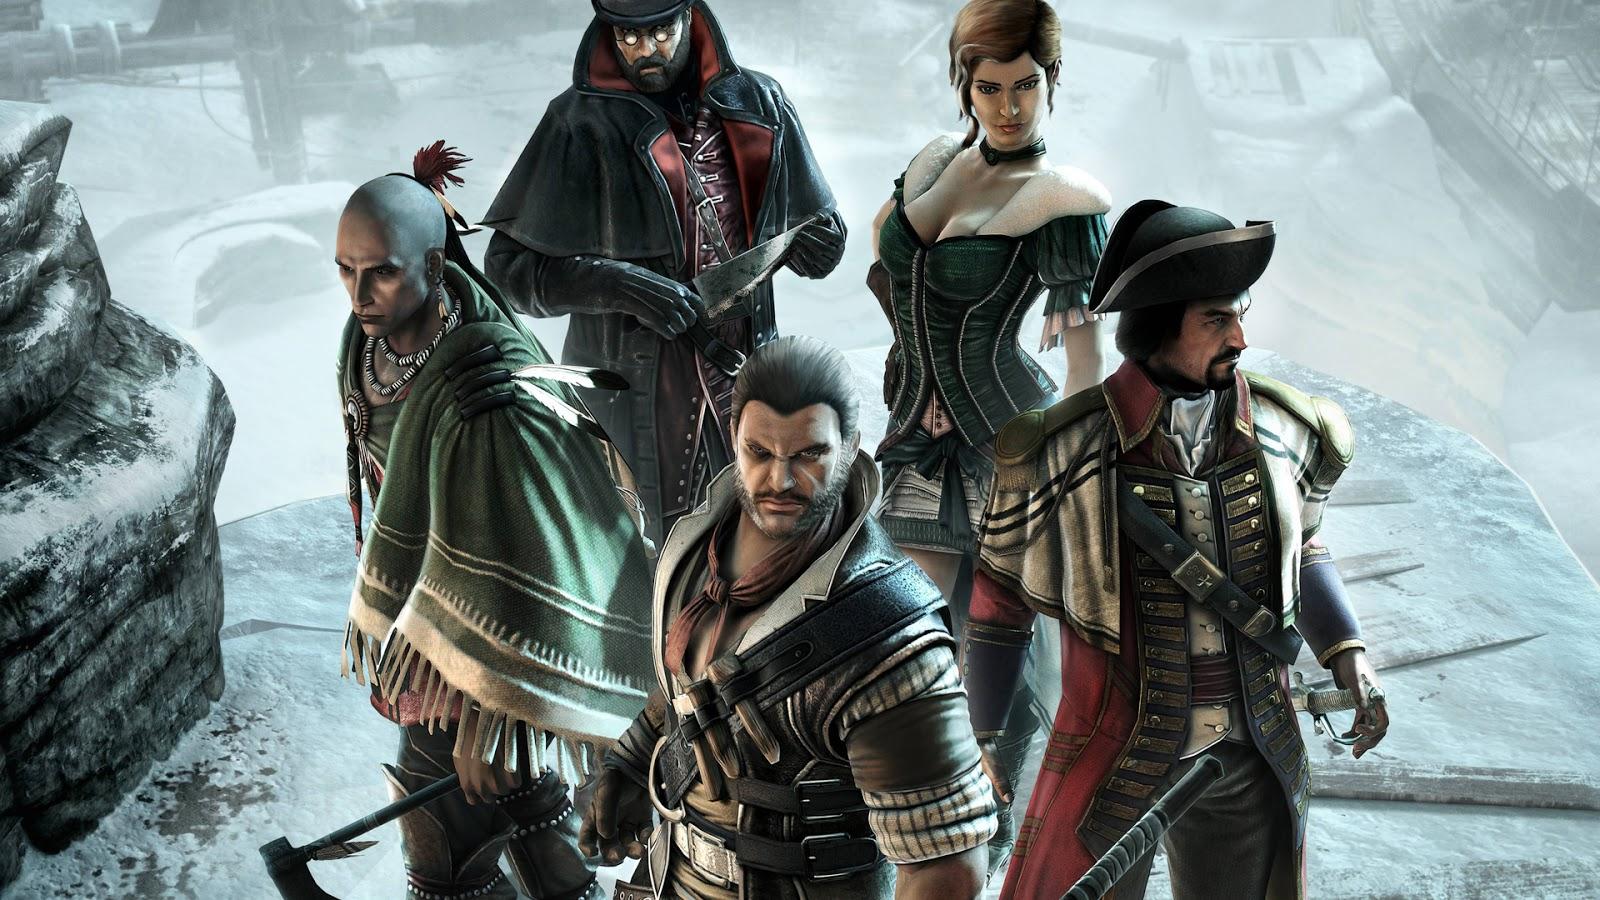 Assassins creed 3 deluxe edition6 dlc скачать торрент - 595